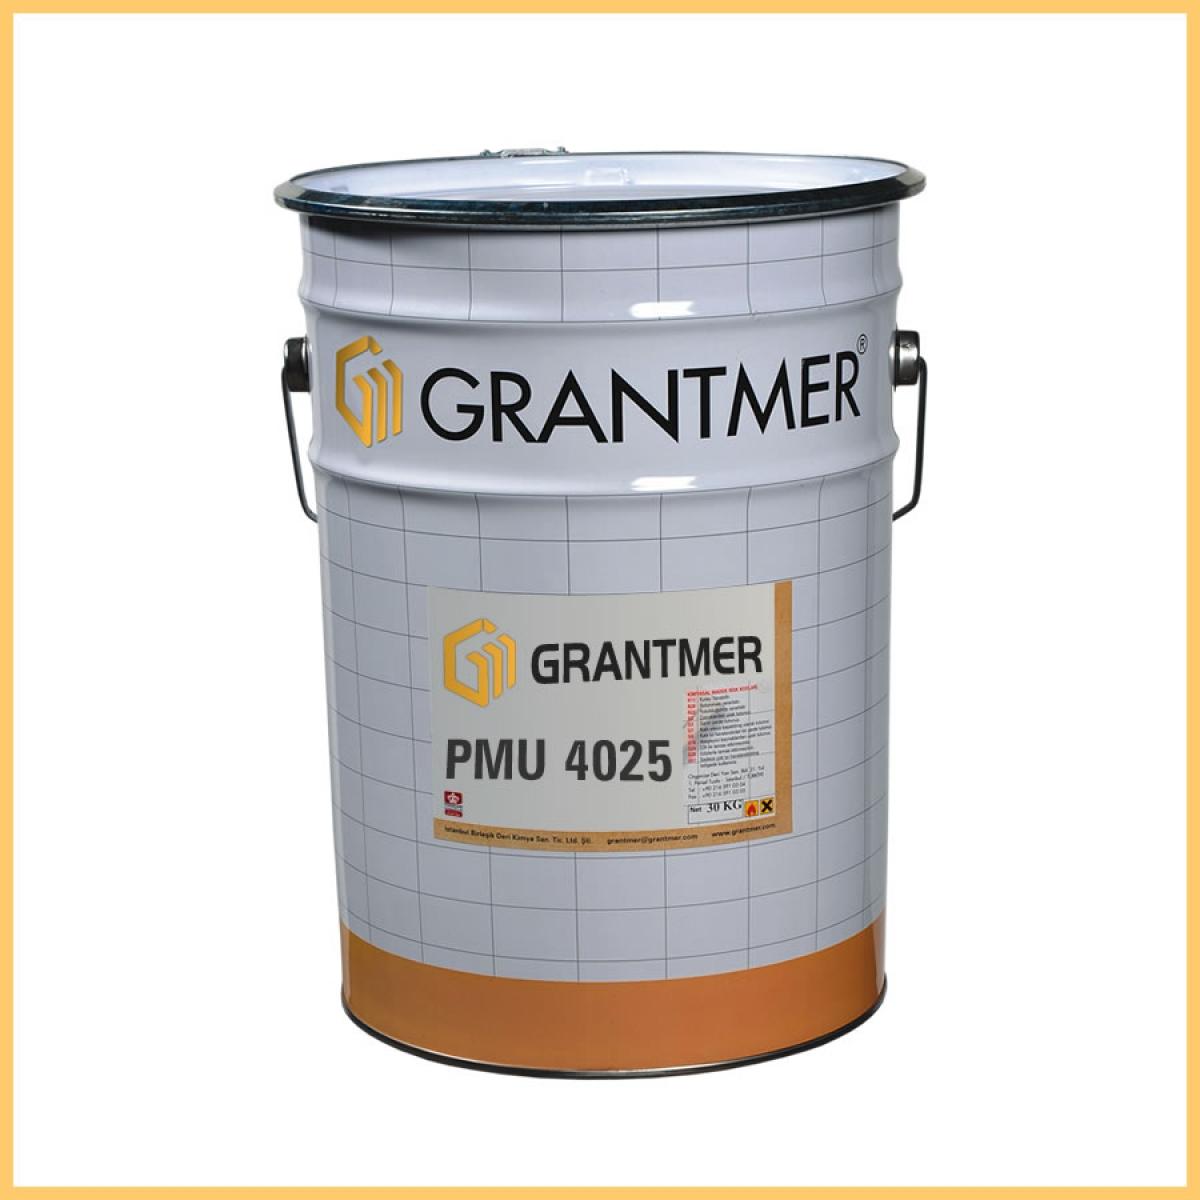 GRANTMER PMU 4025